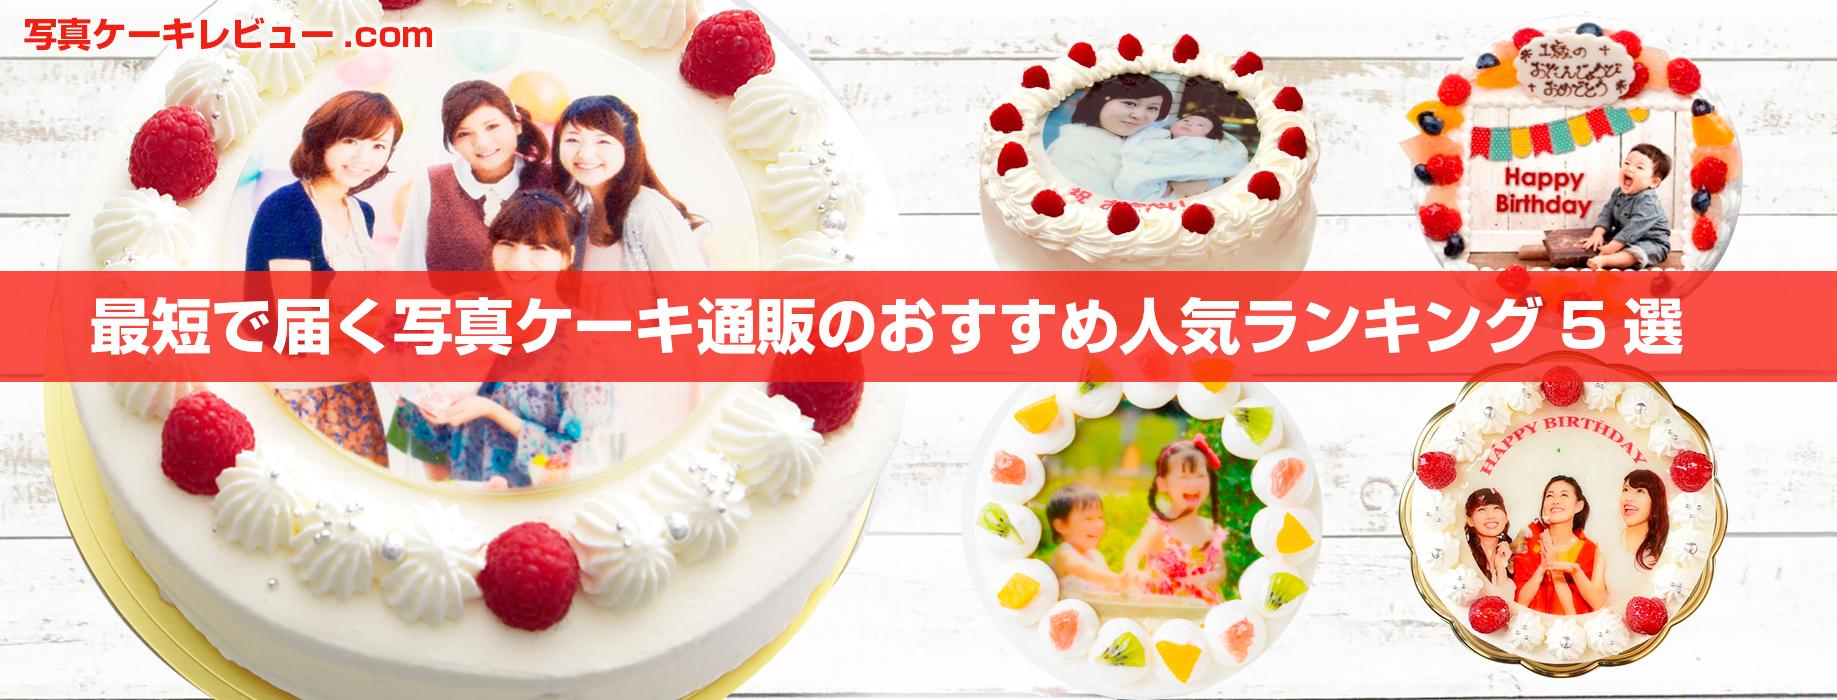 写真ケーキ通販のおすすめお店ランキング5選